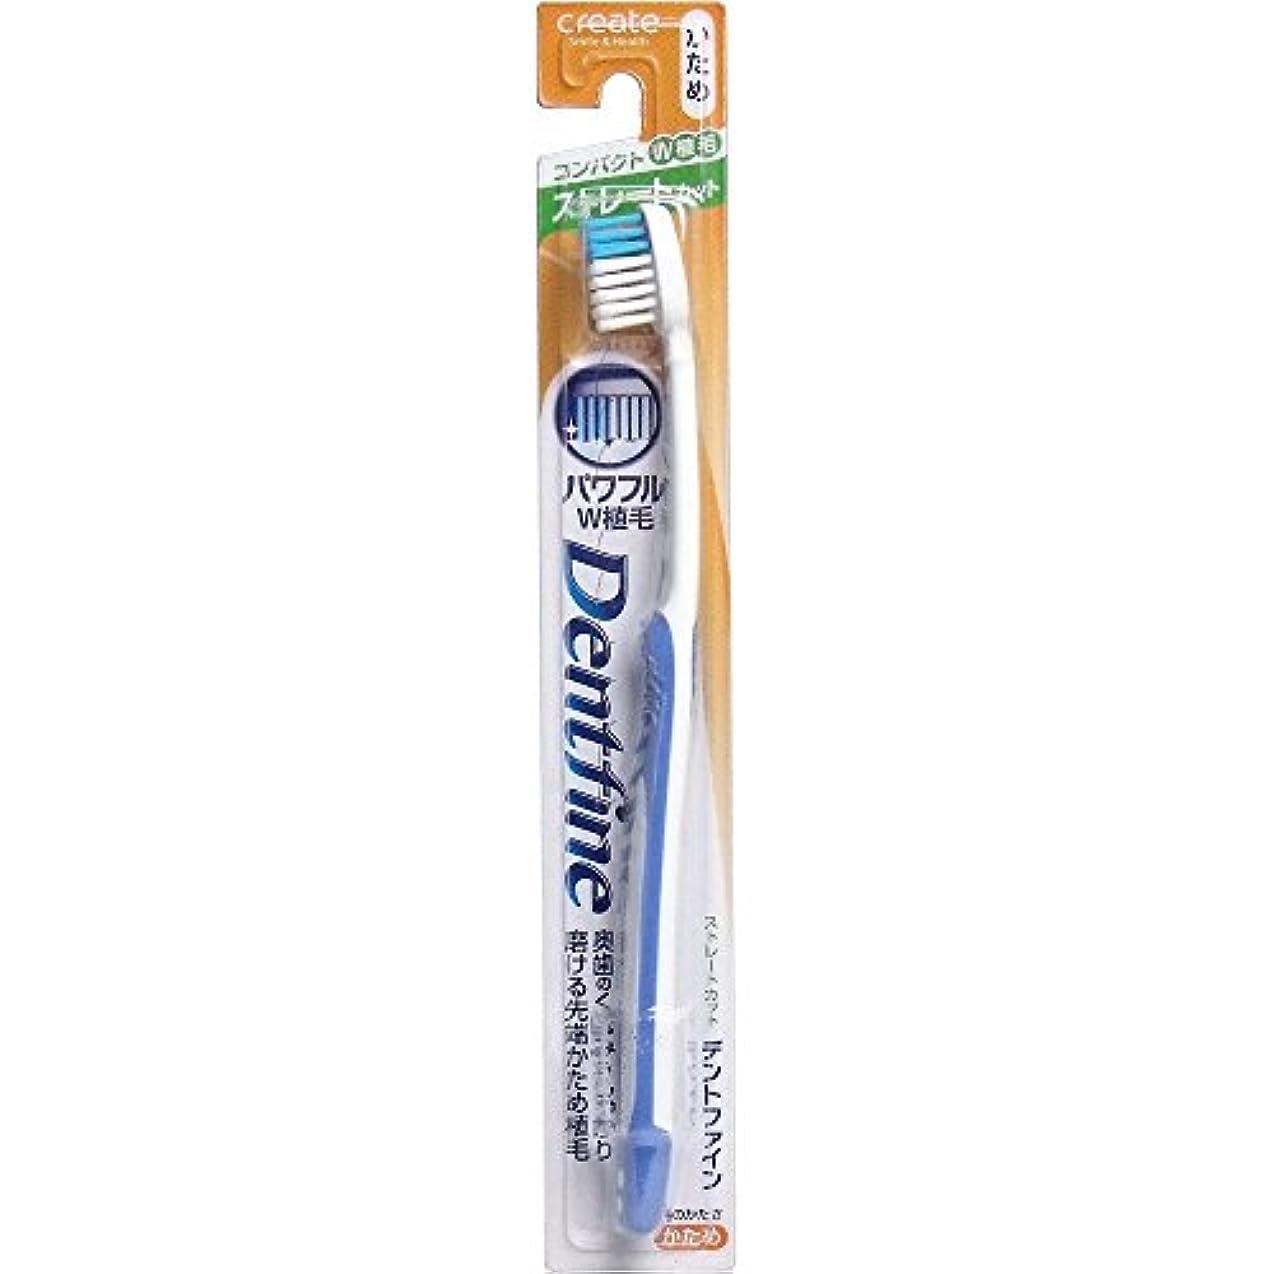 追い払う遊びます用心するデントファイン ラバーグリップ ストレートカット 歯ブラシ かため 1本:ブルー